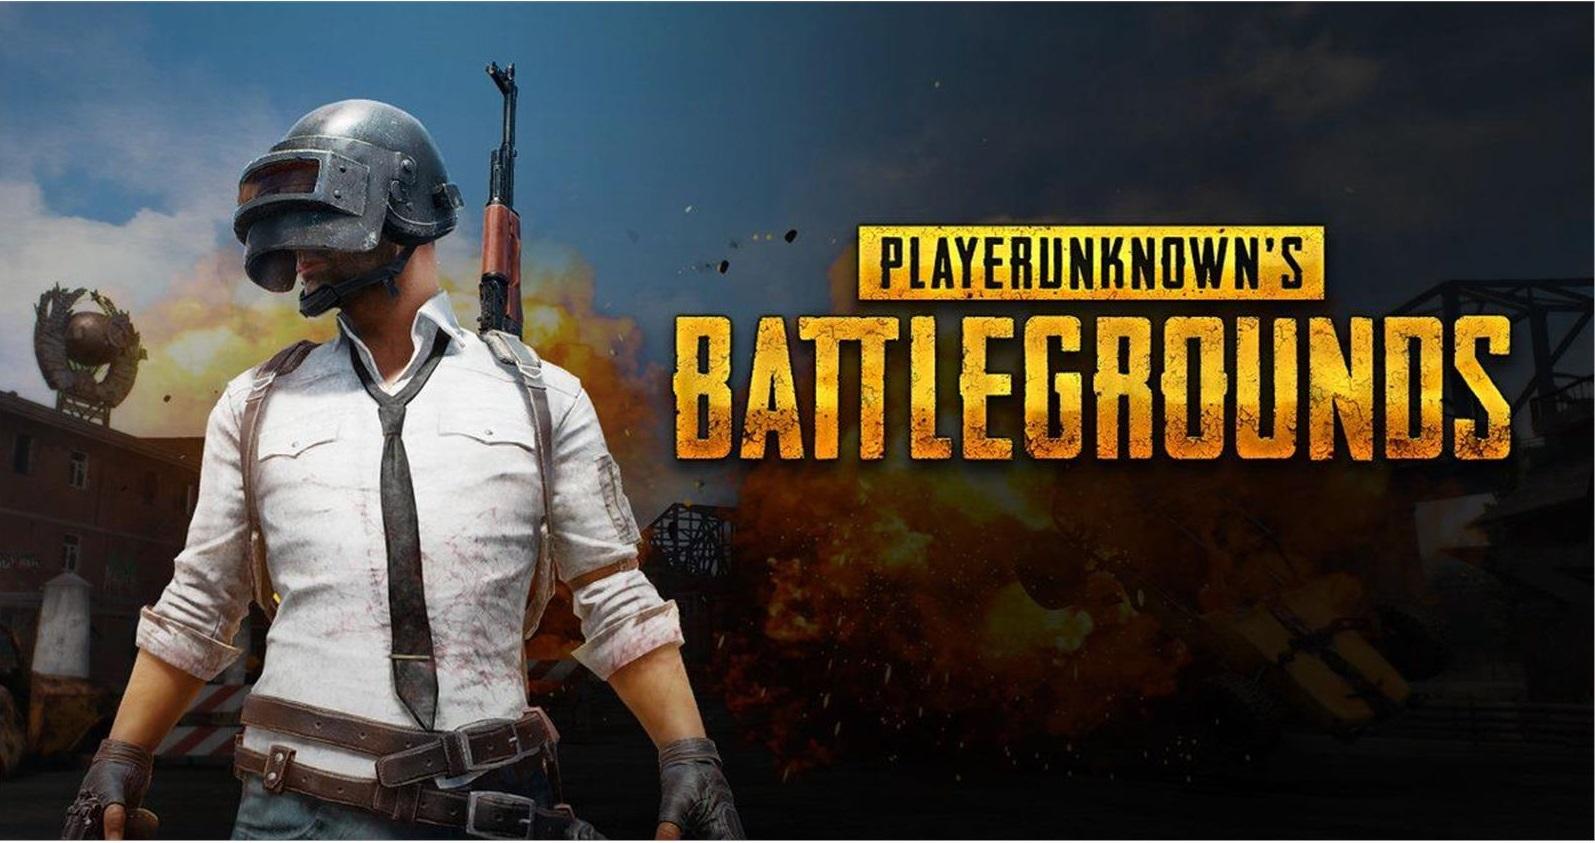 中國官方說《絕地求生》殺戮遊戲太墮落,這間公司立刻說他們的遊戲是在「軍事演習」